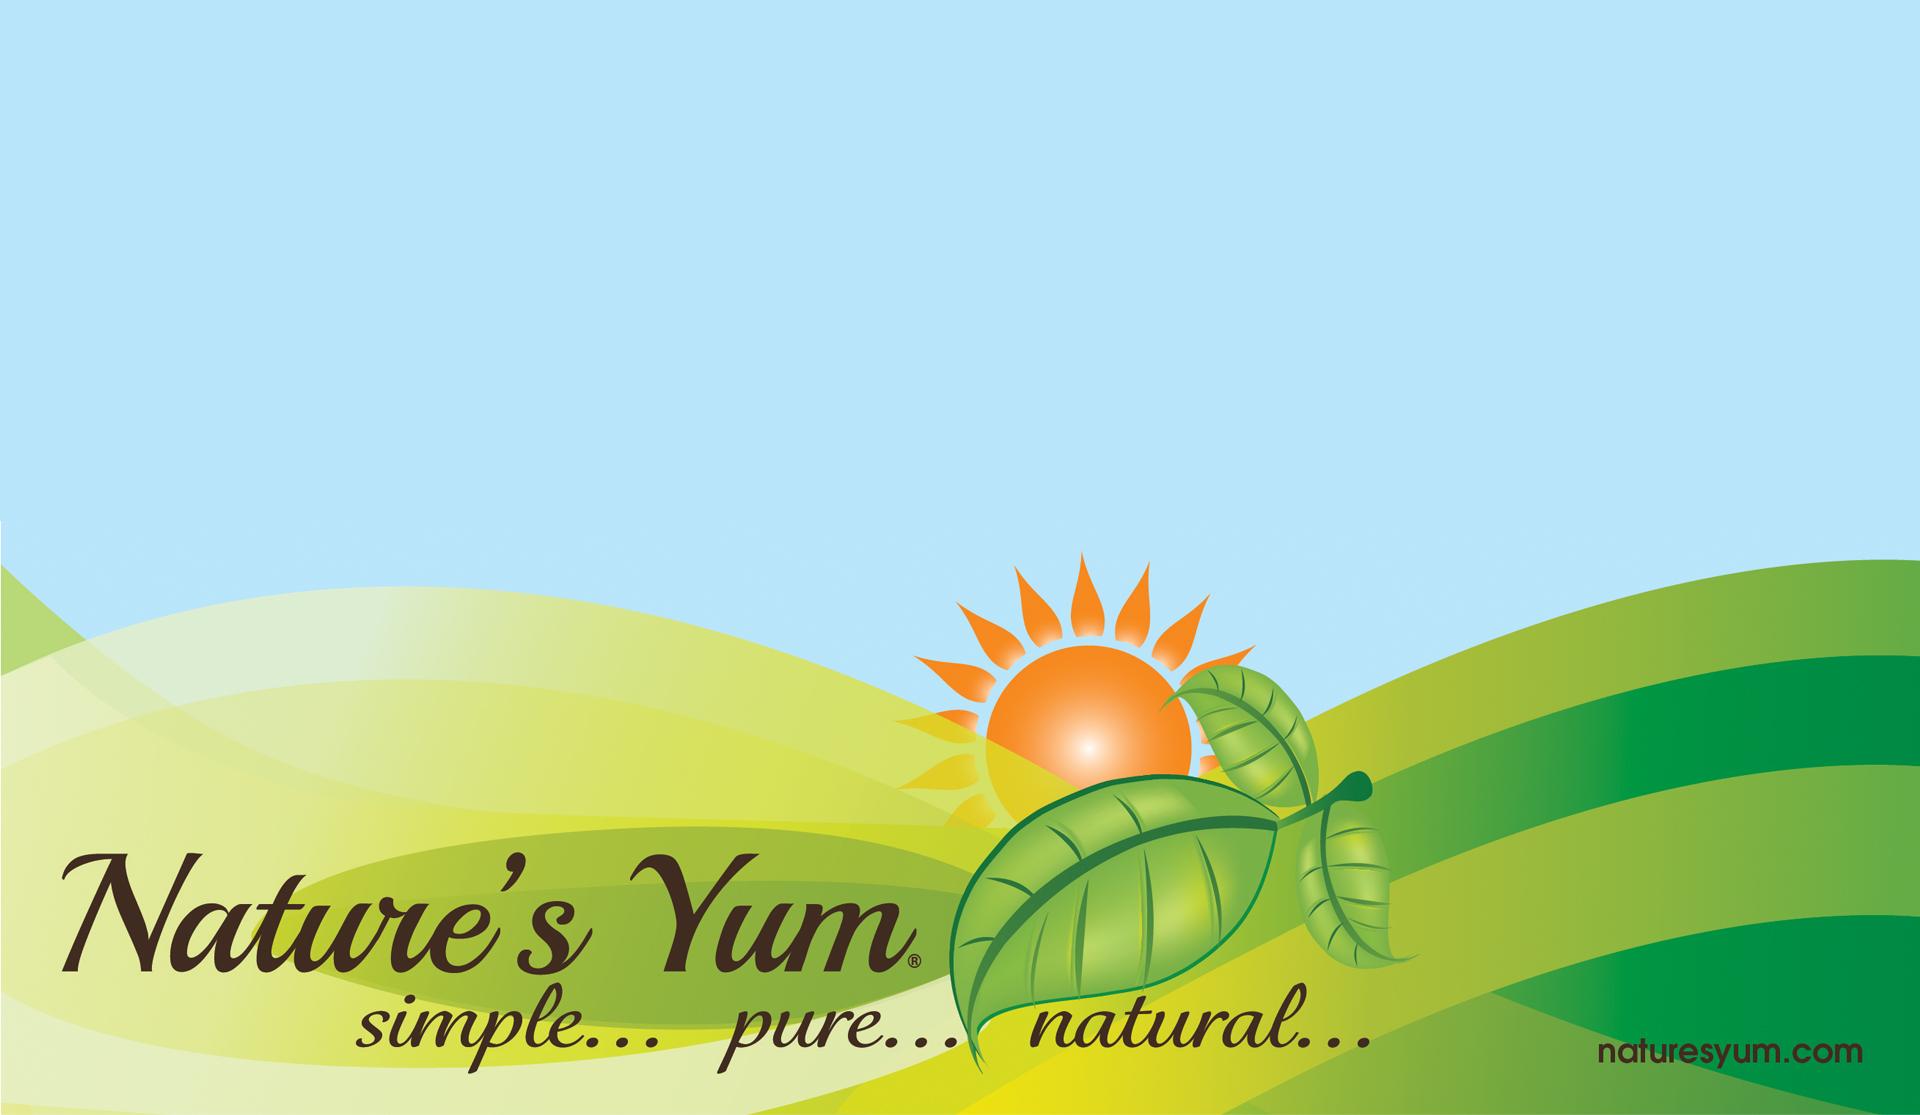 Nature's Yum